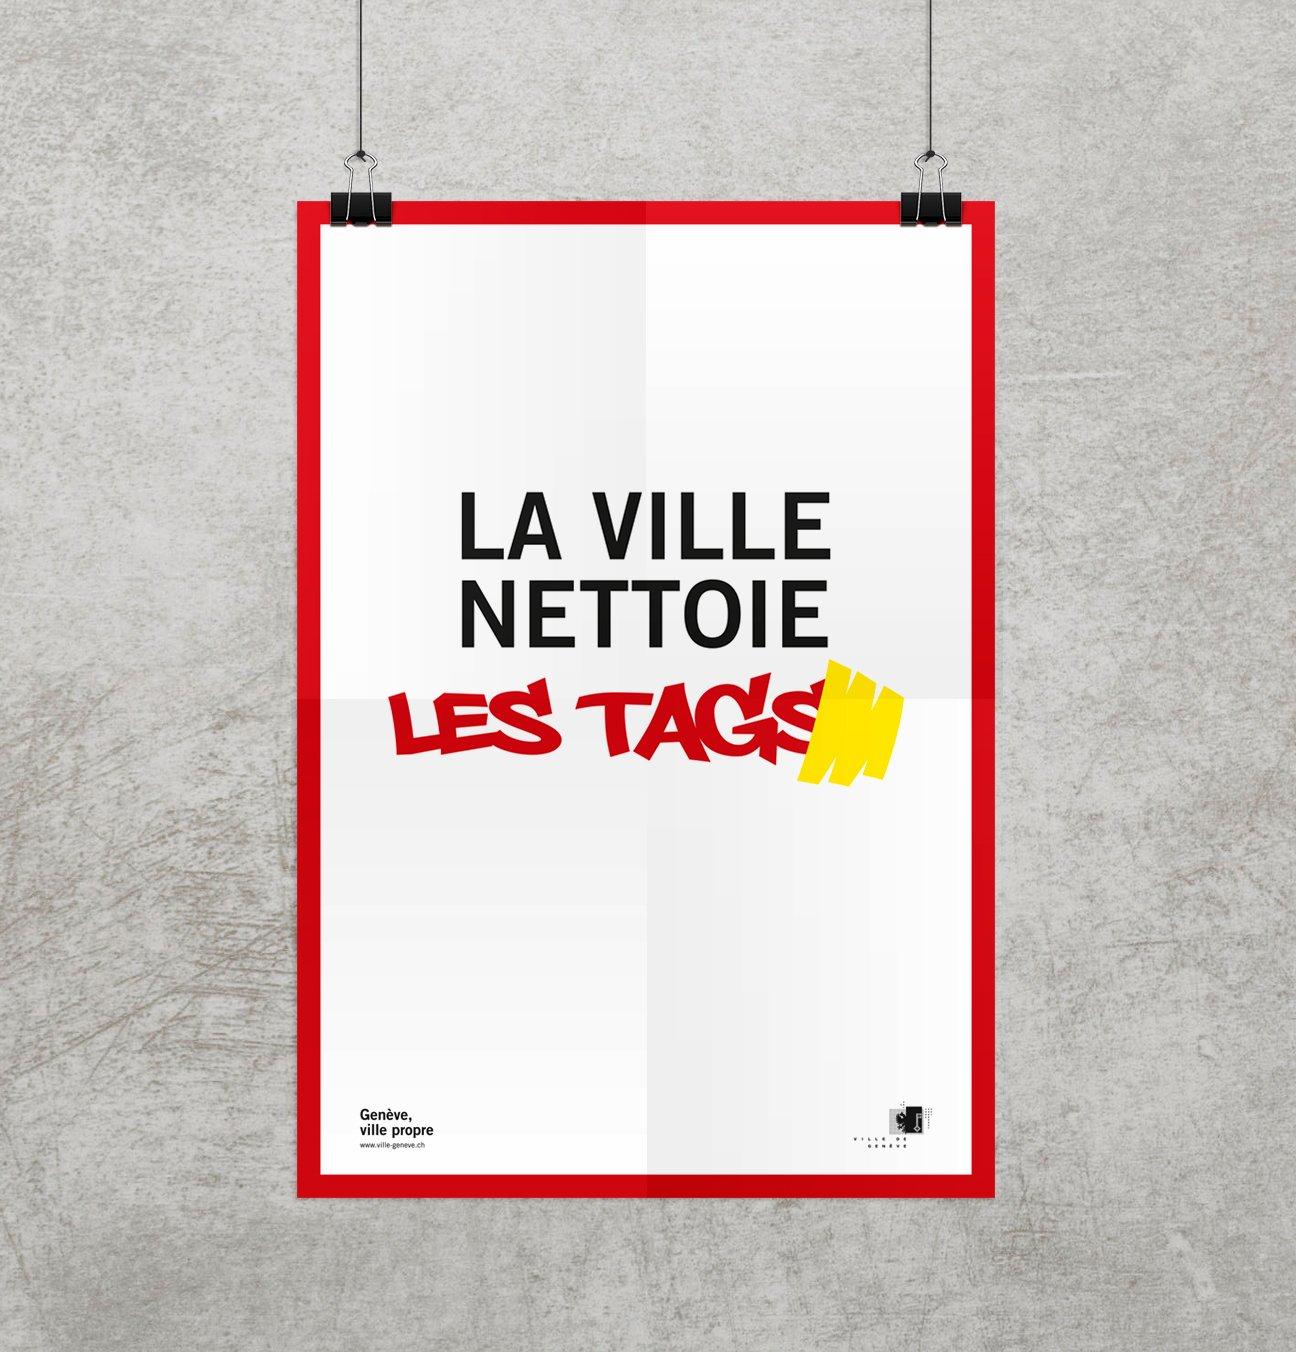 Fabiencuffel_campagne_ville_geneve_anti-tag_affiche